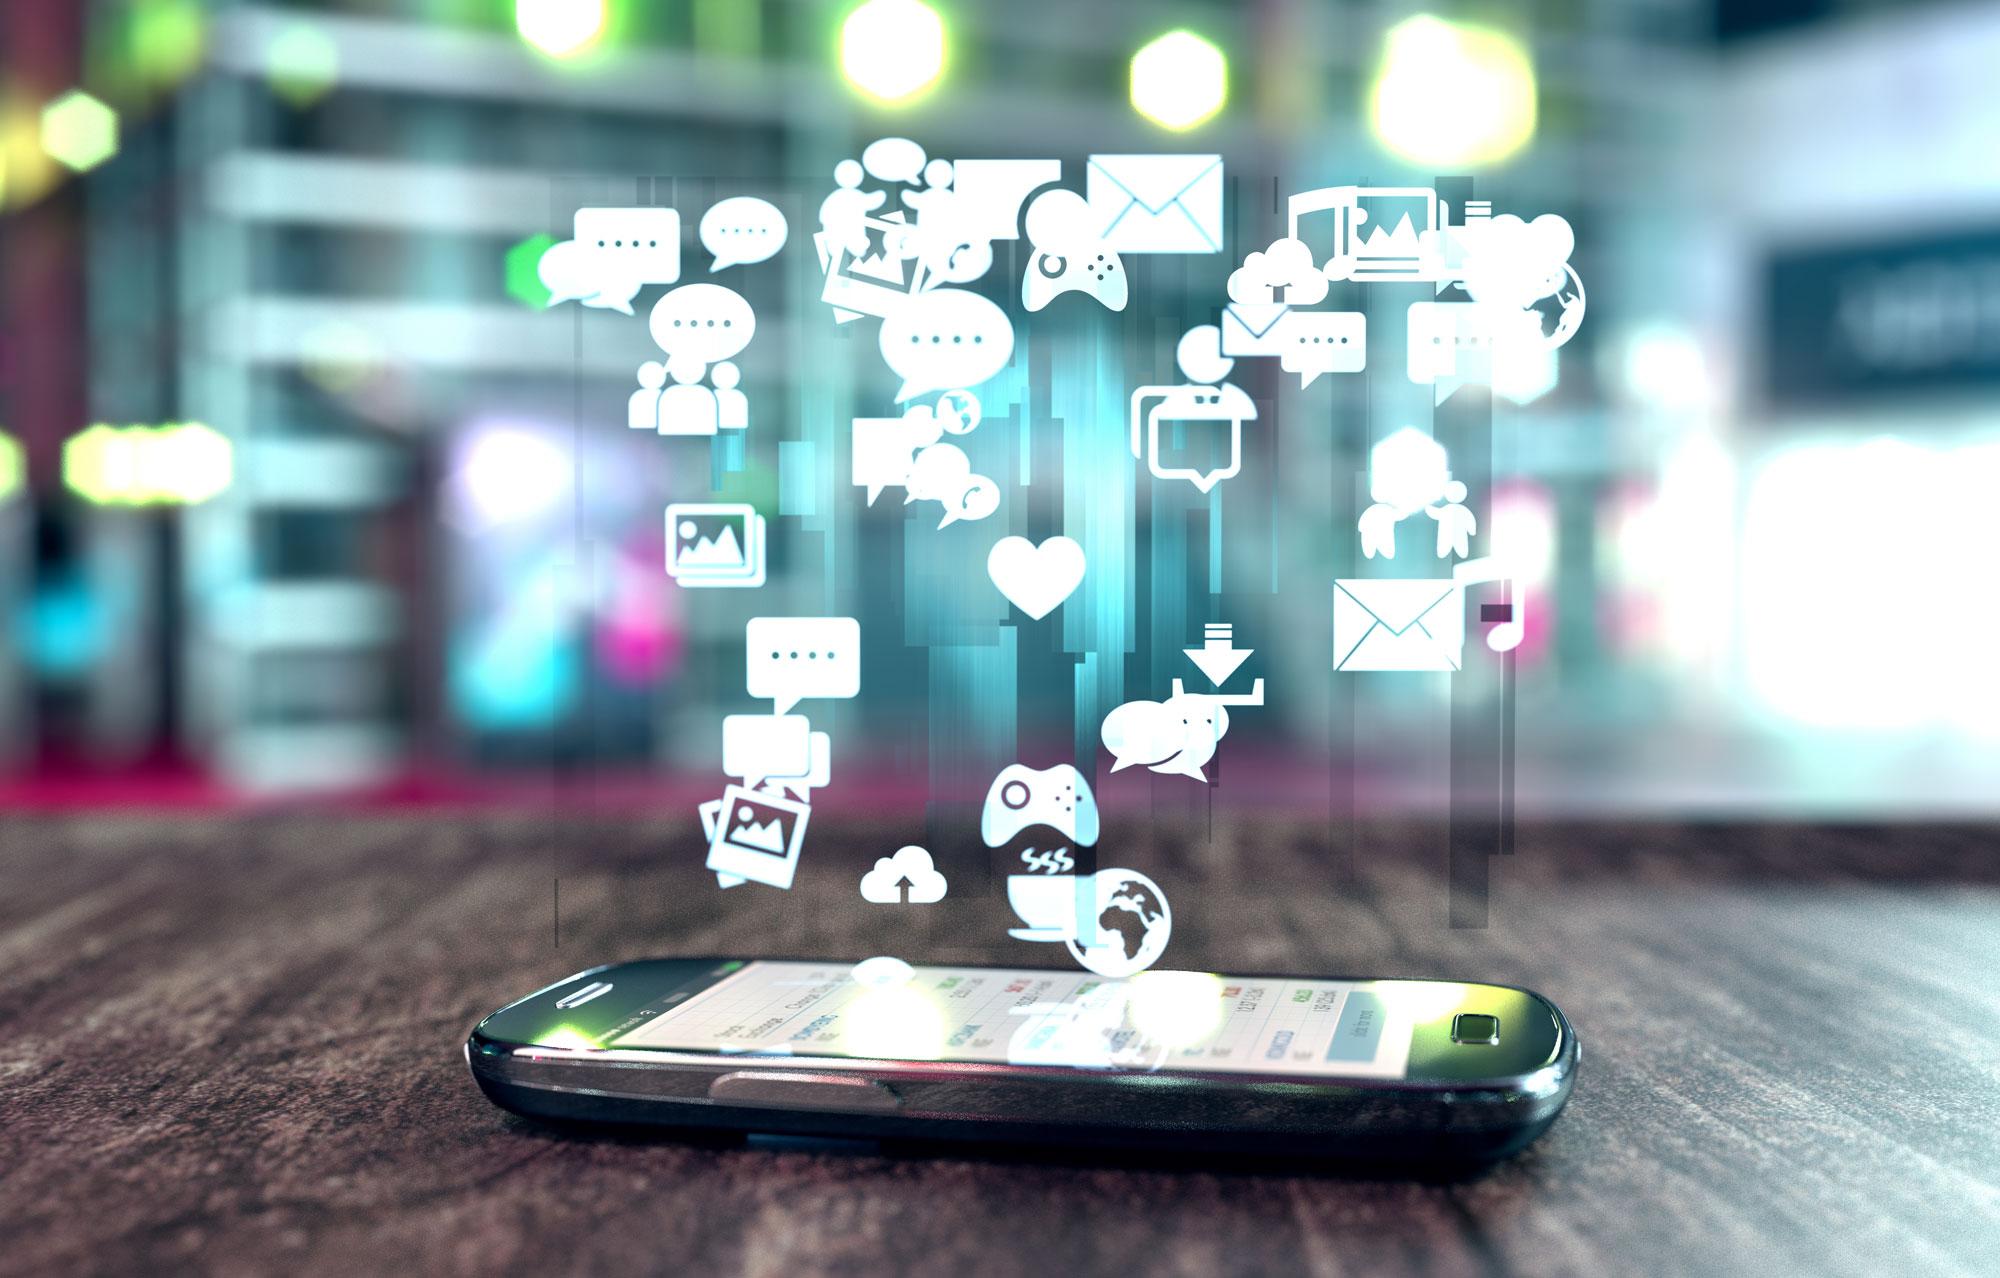 mobilnoe-prodvizhenie-osobennosti-i-strategii